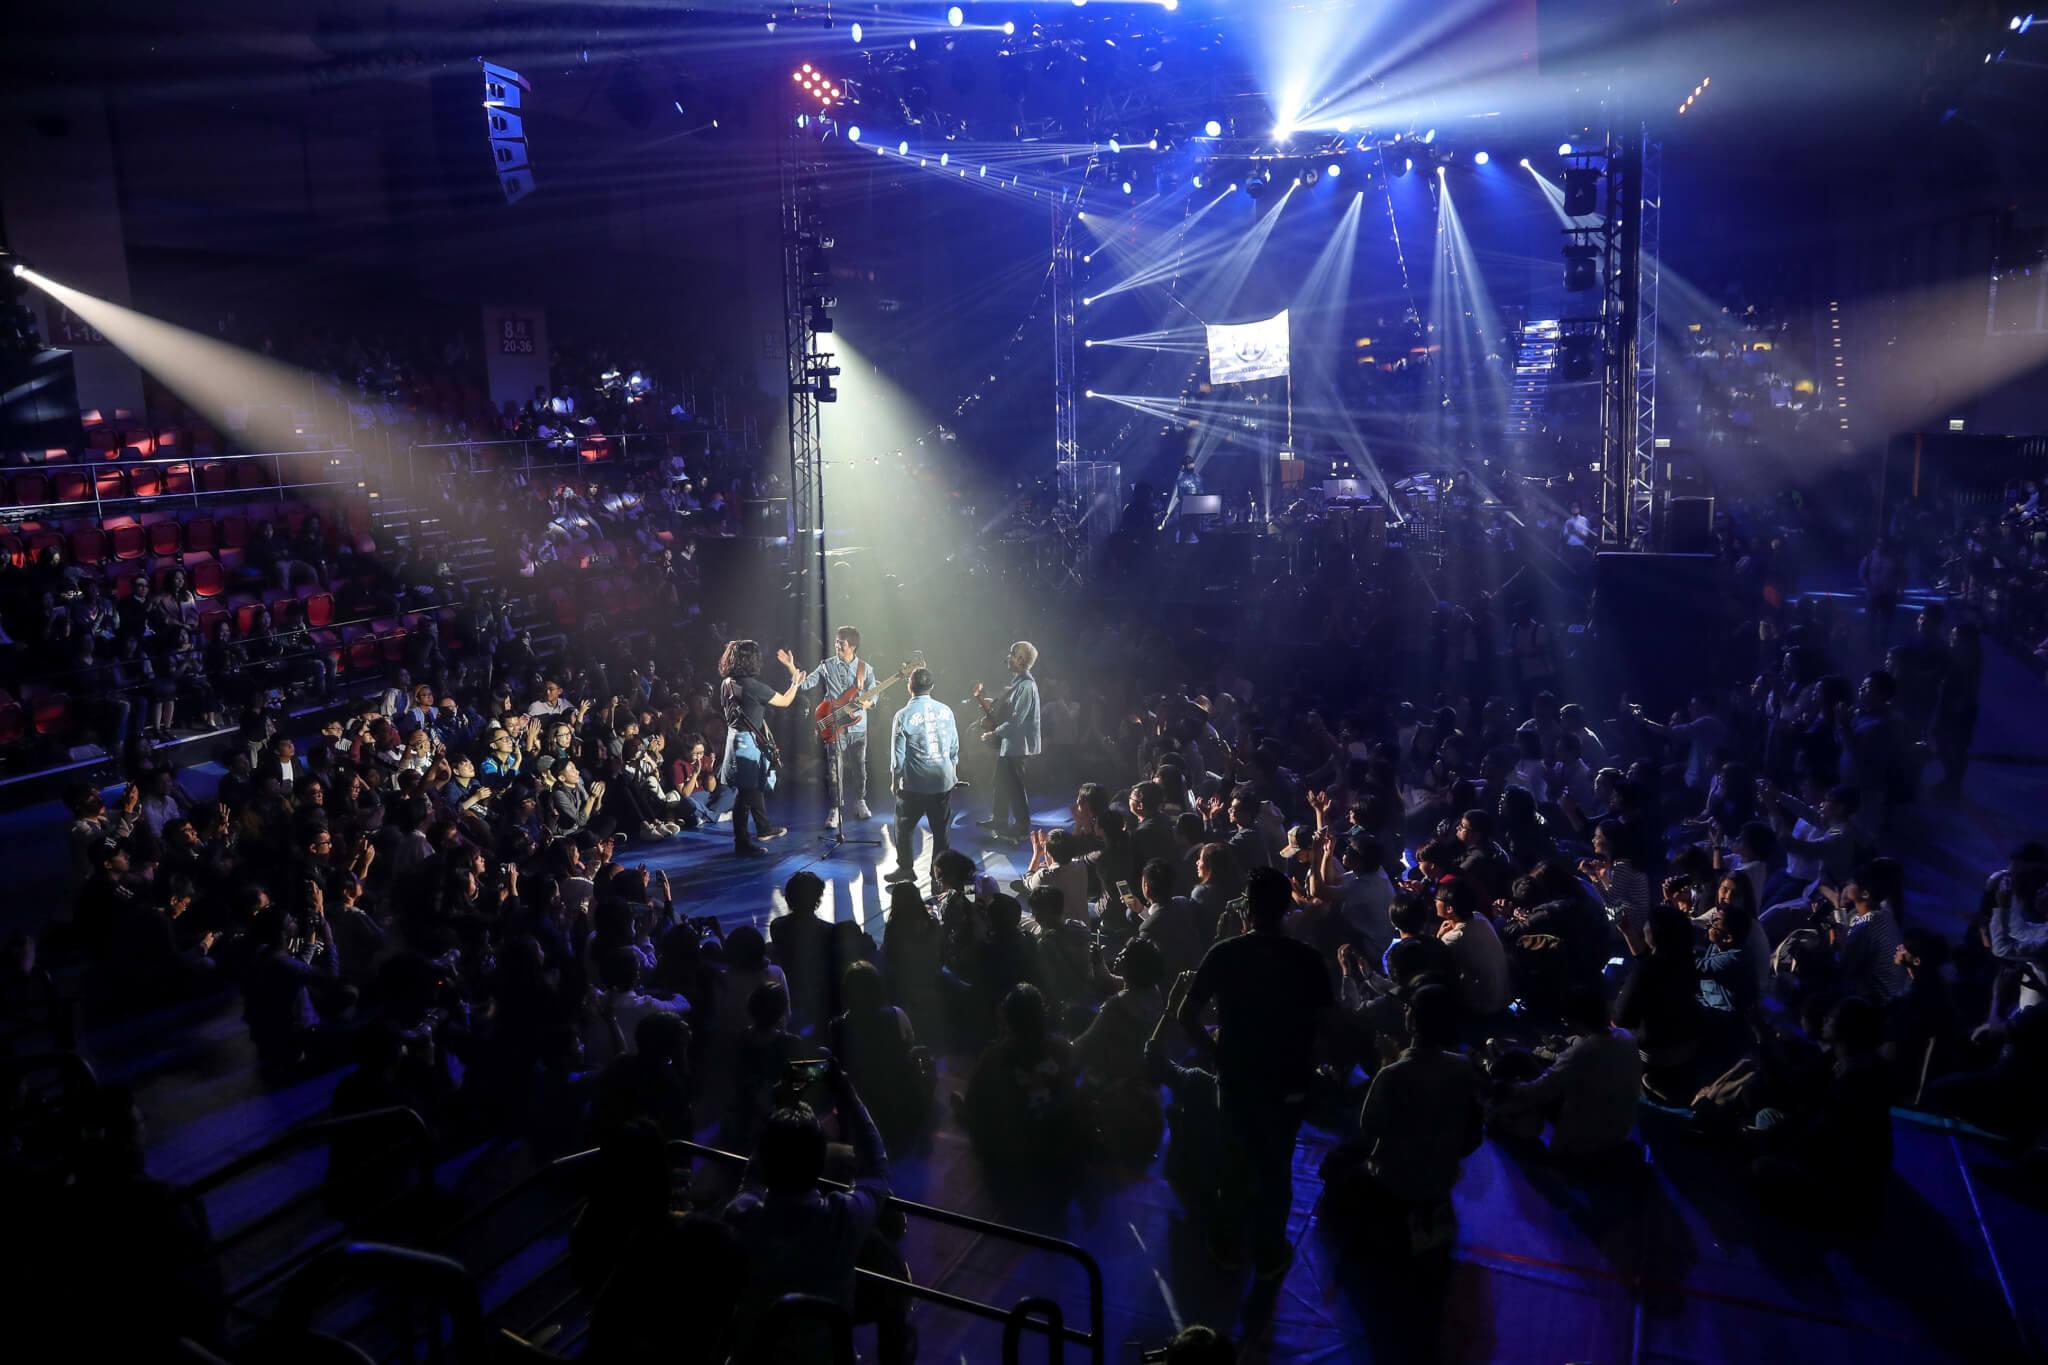 6號指2016年的「呢度」音樂會,意義在於告別唱片公司後,他們自己找方法經營。